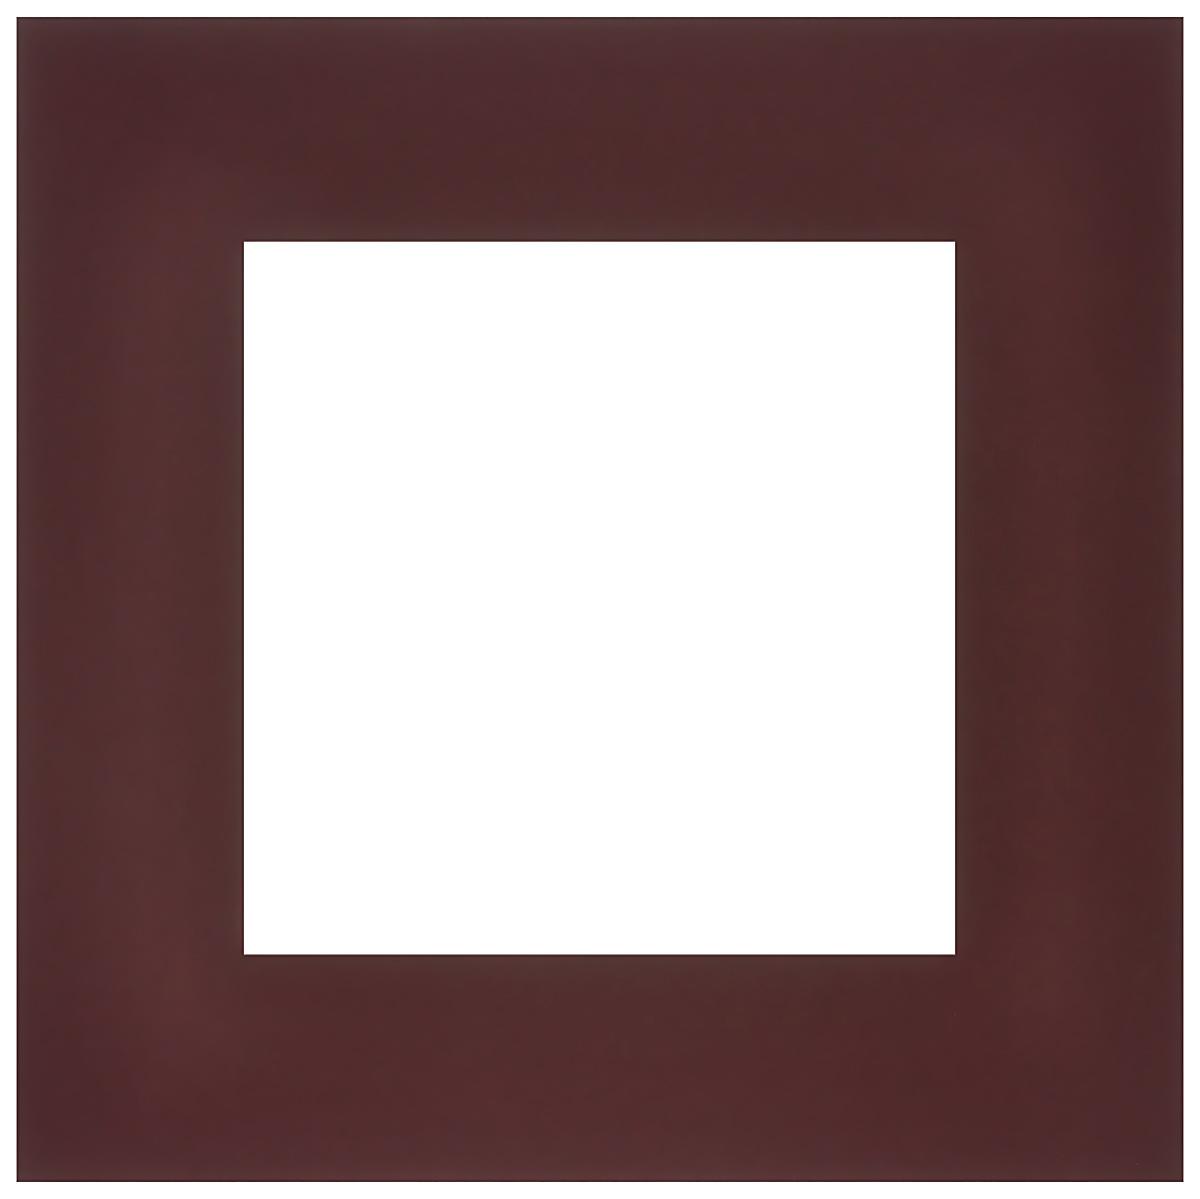 Паспарту Василиса, цвет: темно-бордовый, 20 см х 20 см549624Паспарту Василиса, изготовленное из плотного картона, предназначено для оформления художественных работ и фотографий. Оно располагается между багетной рамой и изображением, делая акцент на фотографии, усиливая ее визуальное восприятие. Кроме того, на паспарту часто располагают поясняющие подписи, автограф изображенного. Внешний размер: 20 см х 20 см. Внутренний размер: 12 см х 12 см.